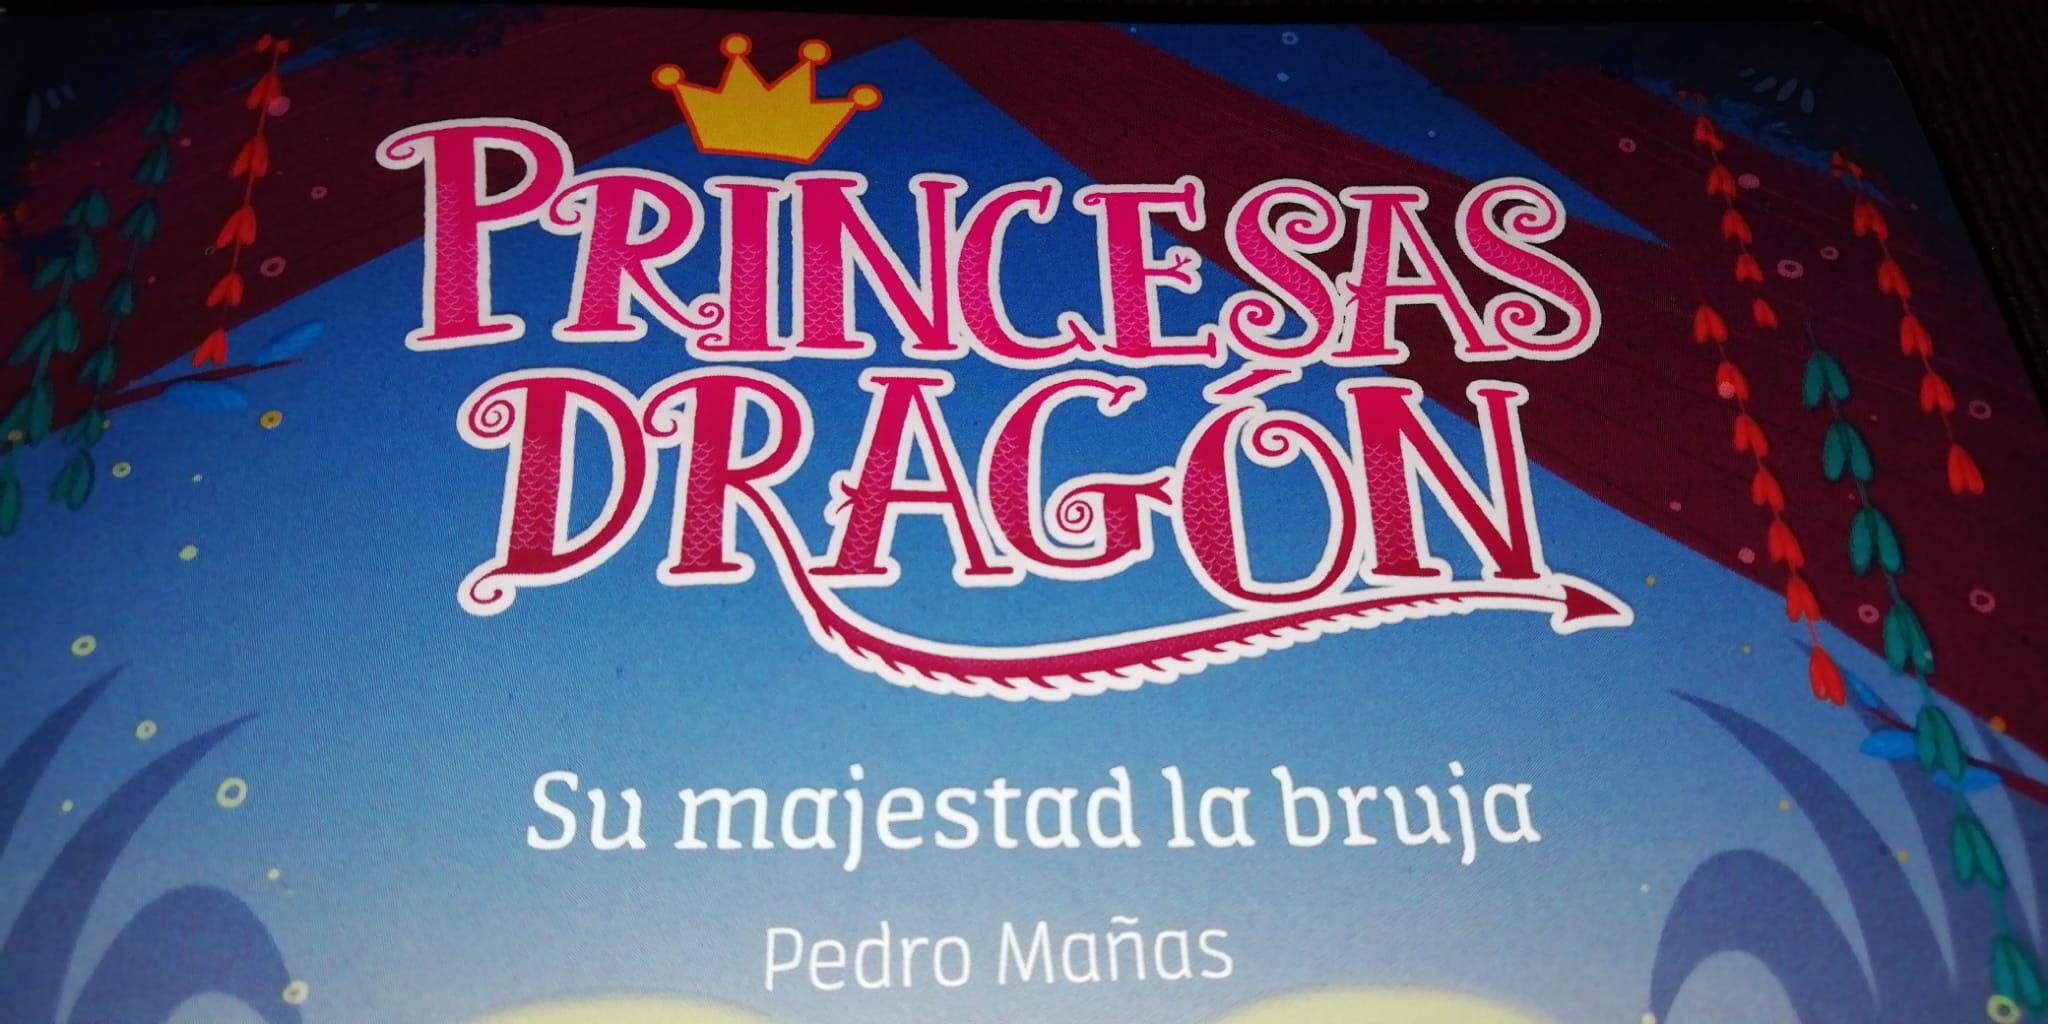 Las princesas dragón